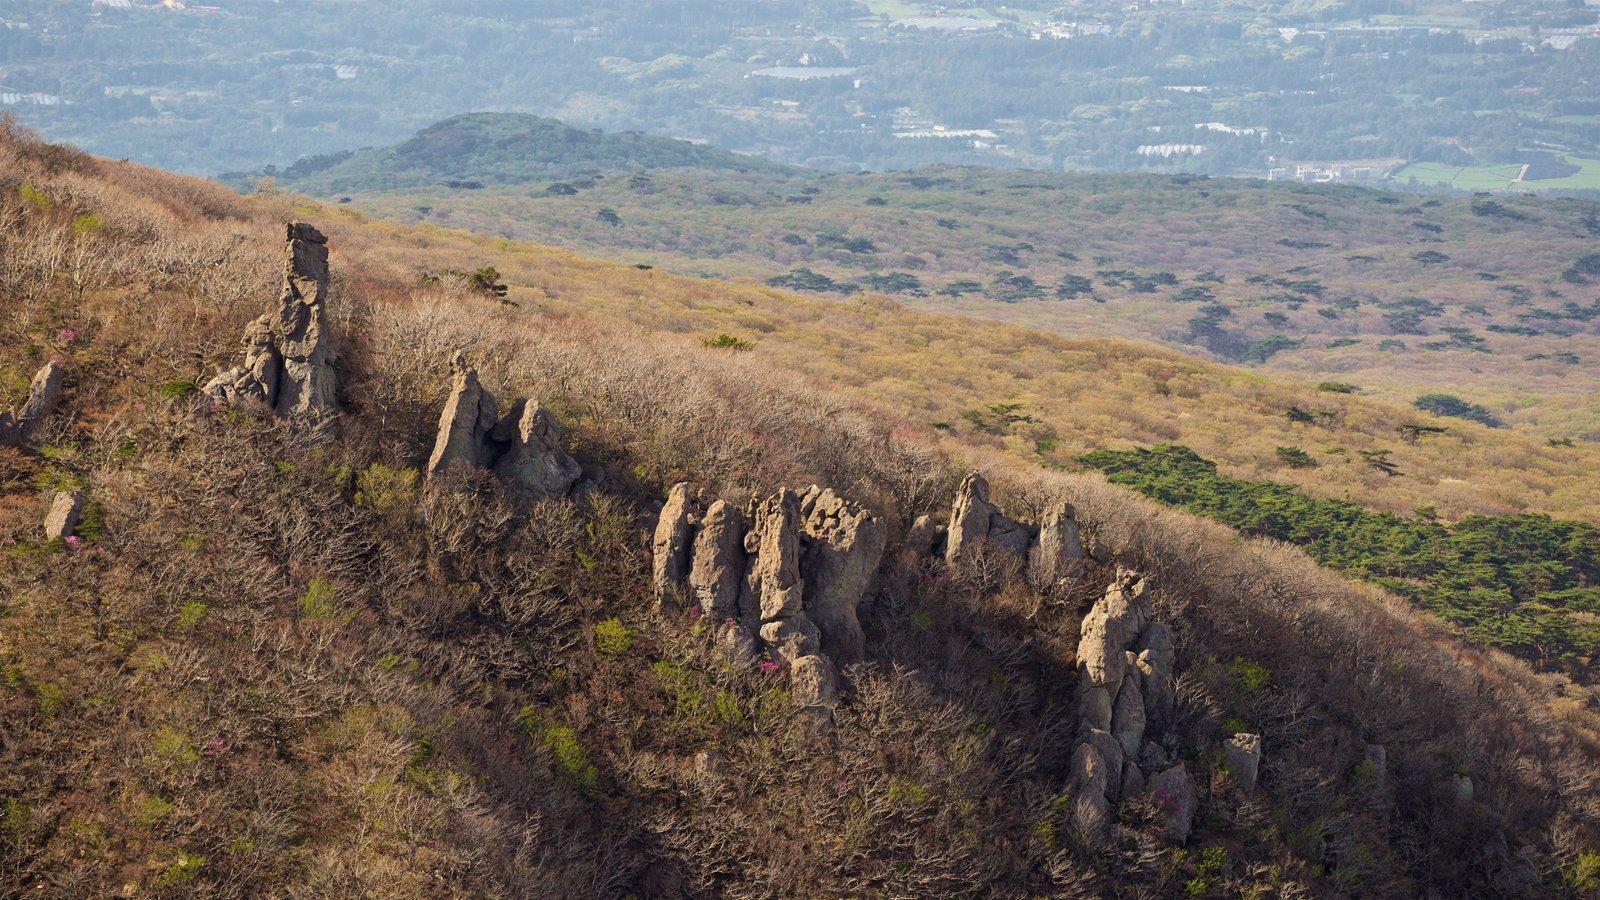 Parque Nacional de Hallasan que incluye escenas tranquilas y vistas de paisajes